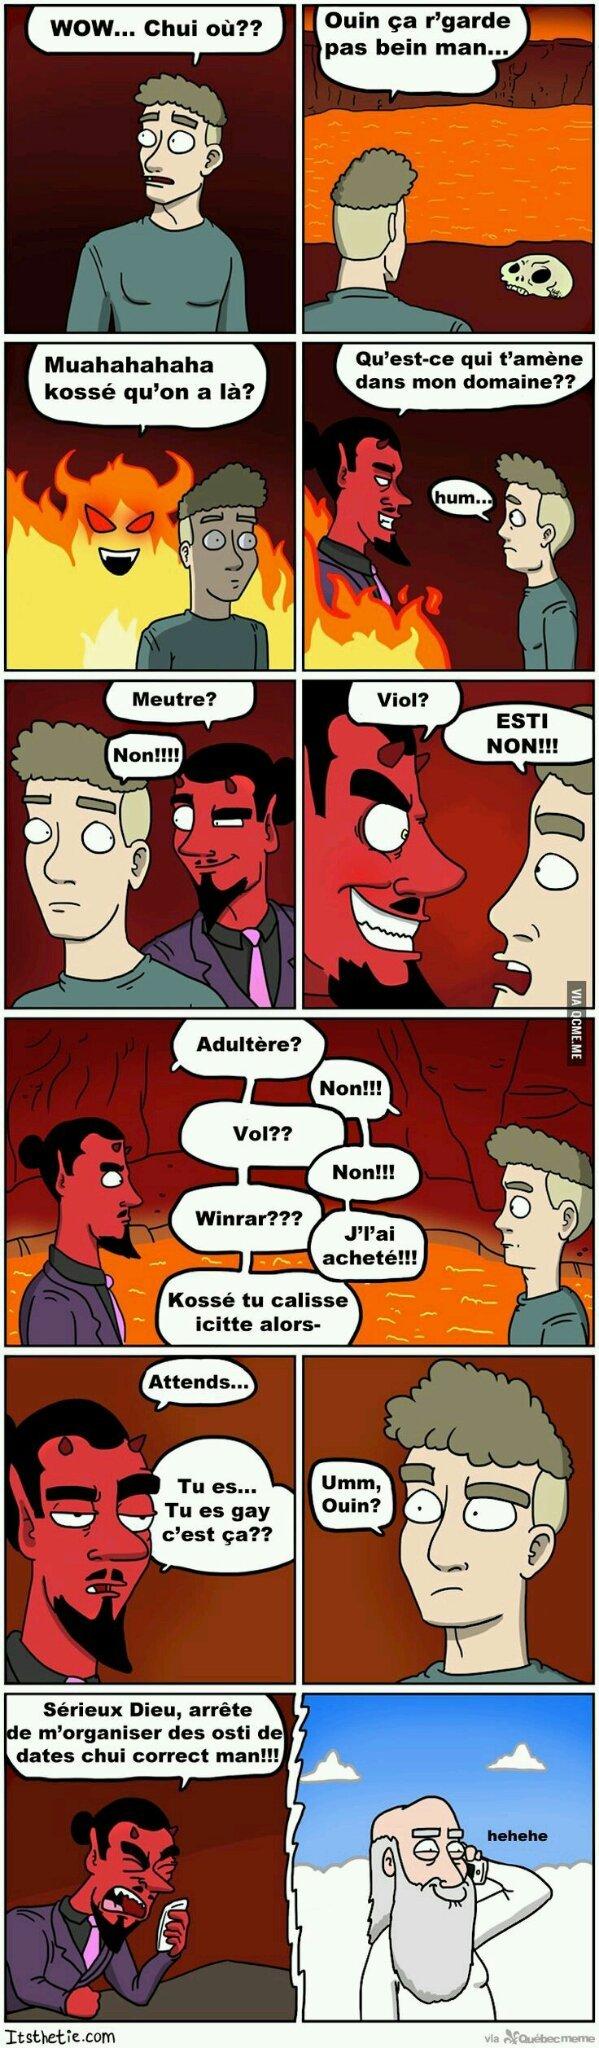 Lgbt + satan - meme